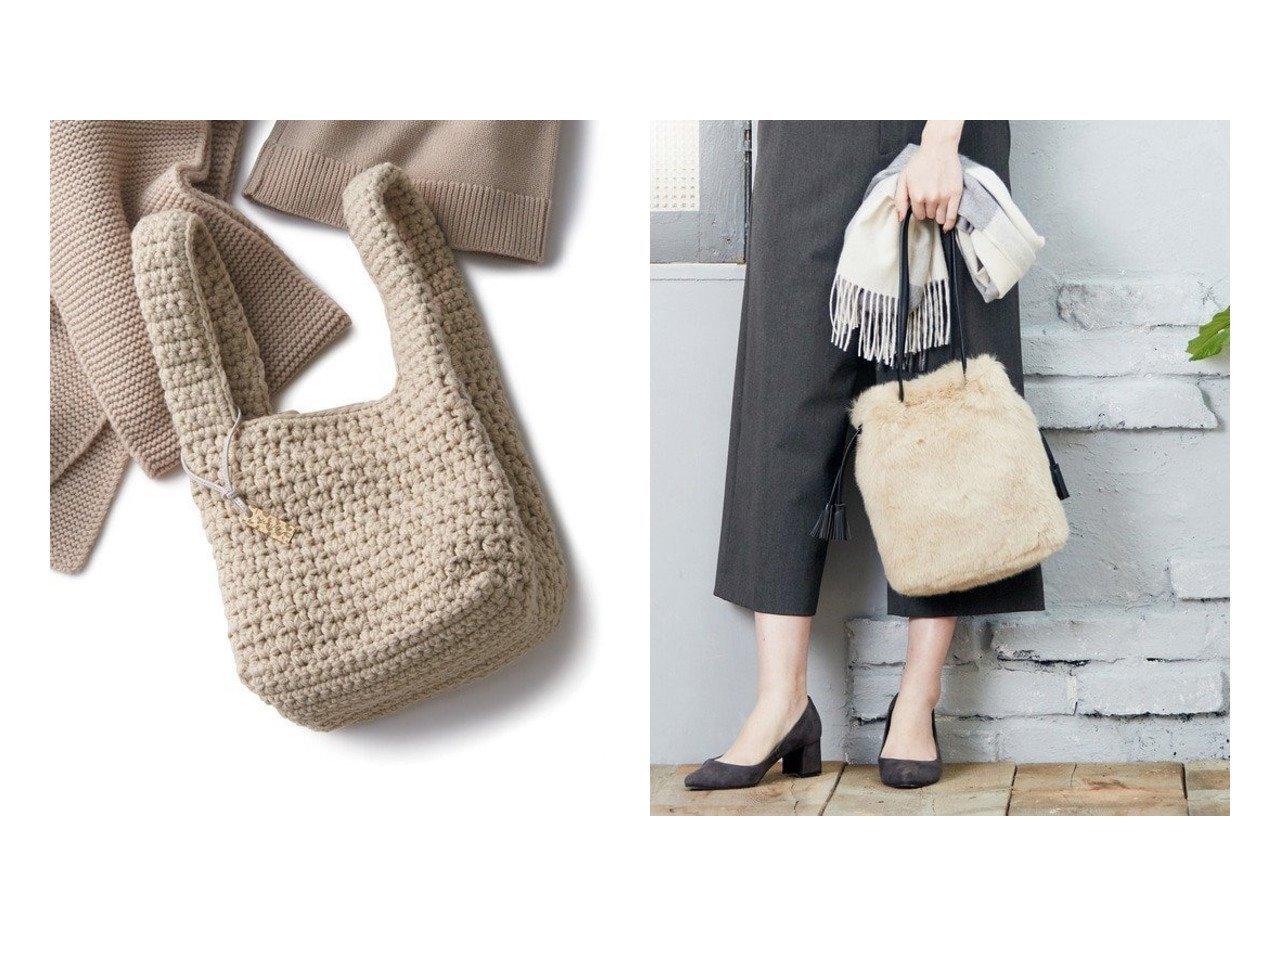 【JIYU-KU/自由区】の【UNFILO】ニット バッグ&【J.PRESS/ジェイ プレス】の【2WAY】ECO FUR バッグ バッグ・鞄のおすすめ!人気、トレンド・レディースファッションの通販  おすすめで人気の流行・トレンド、ファッションの通販商品 メンズファッション・キッズファッション・インテリア・家具・レディースファッション・服の通販 founy(ファニー) https://founy.com/ ファッション Fashion レディースファッション WOMEN トップス Tops Tshirt ニット Knit Tops バッグ Bag 送料無料 Free Shipping アクリル 雑誌 ショルダー タッセル 傘 財布  ID:crp329100000009932